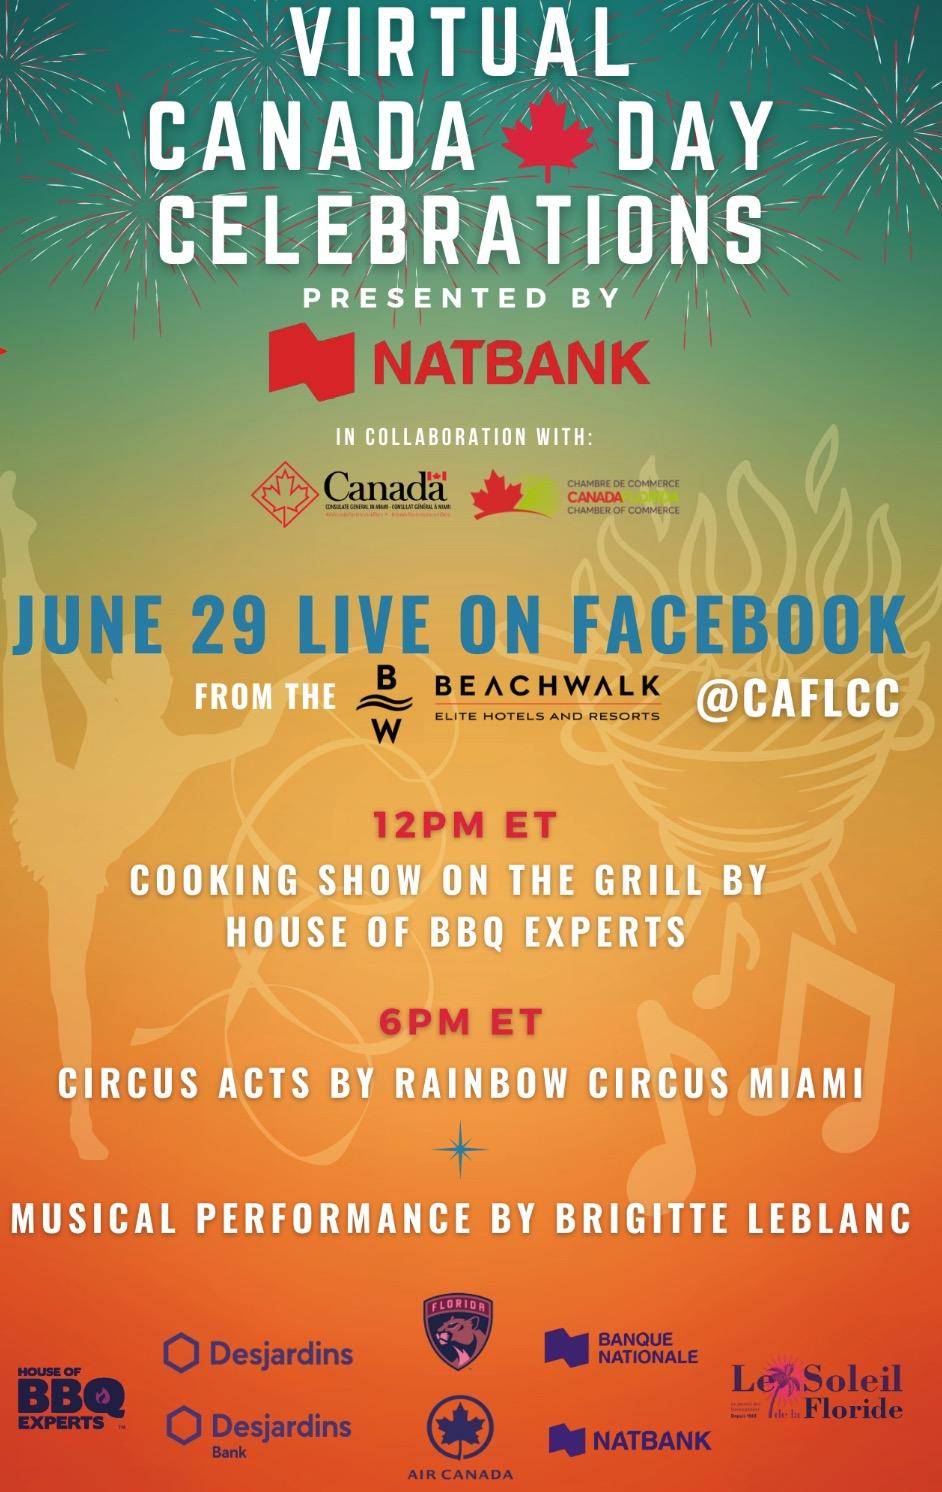 CÉLÉBRATIONS DE  LA FÊTE DU CANADA  SUR FACEBOOK LIVE @CAFLCC